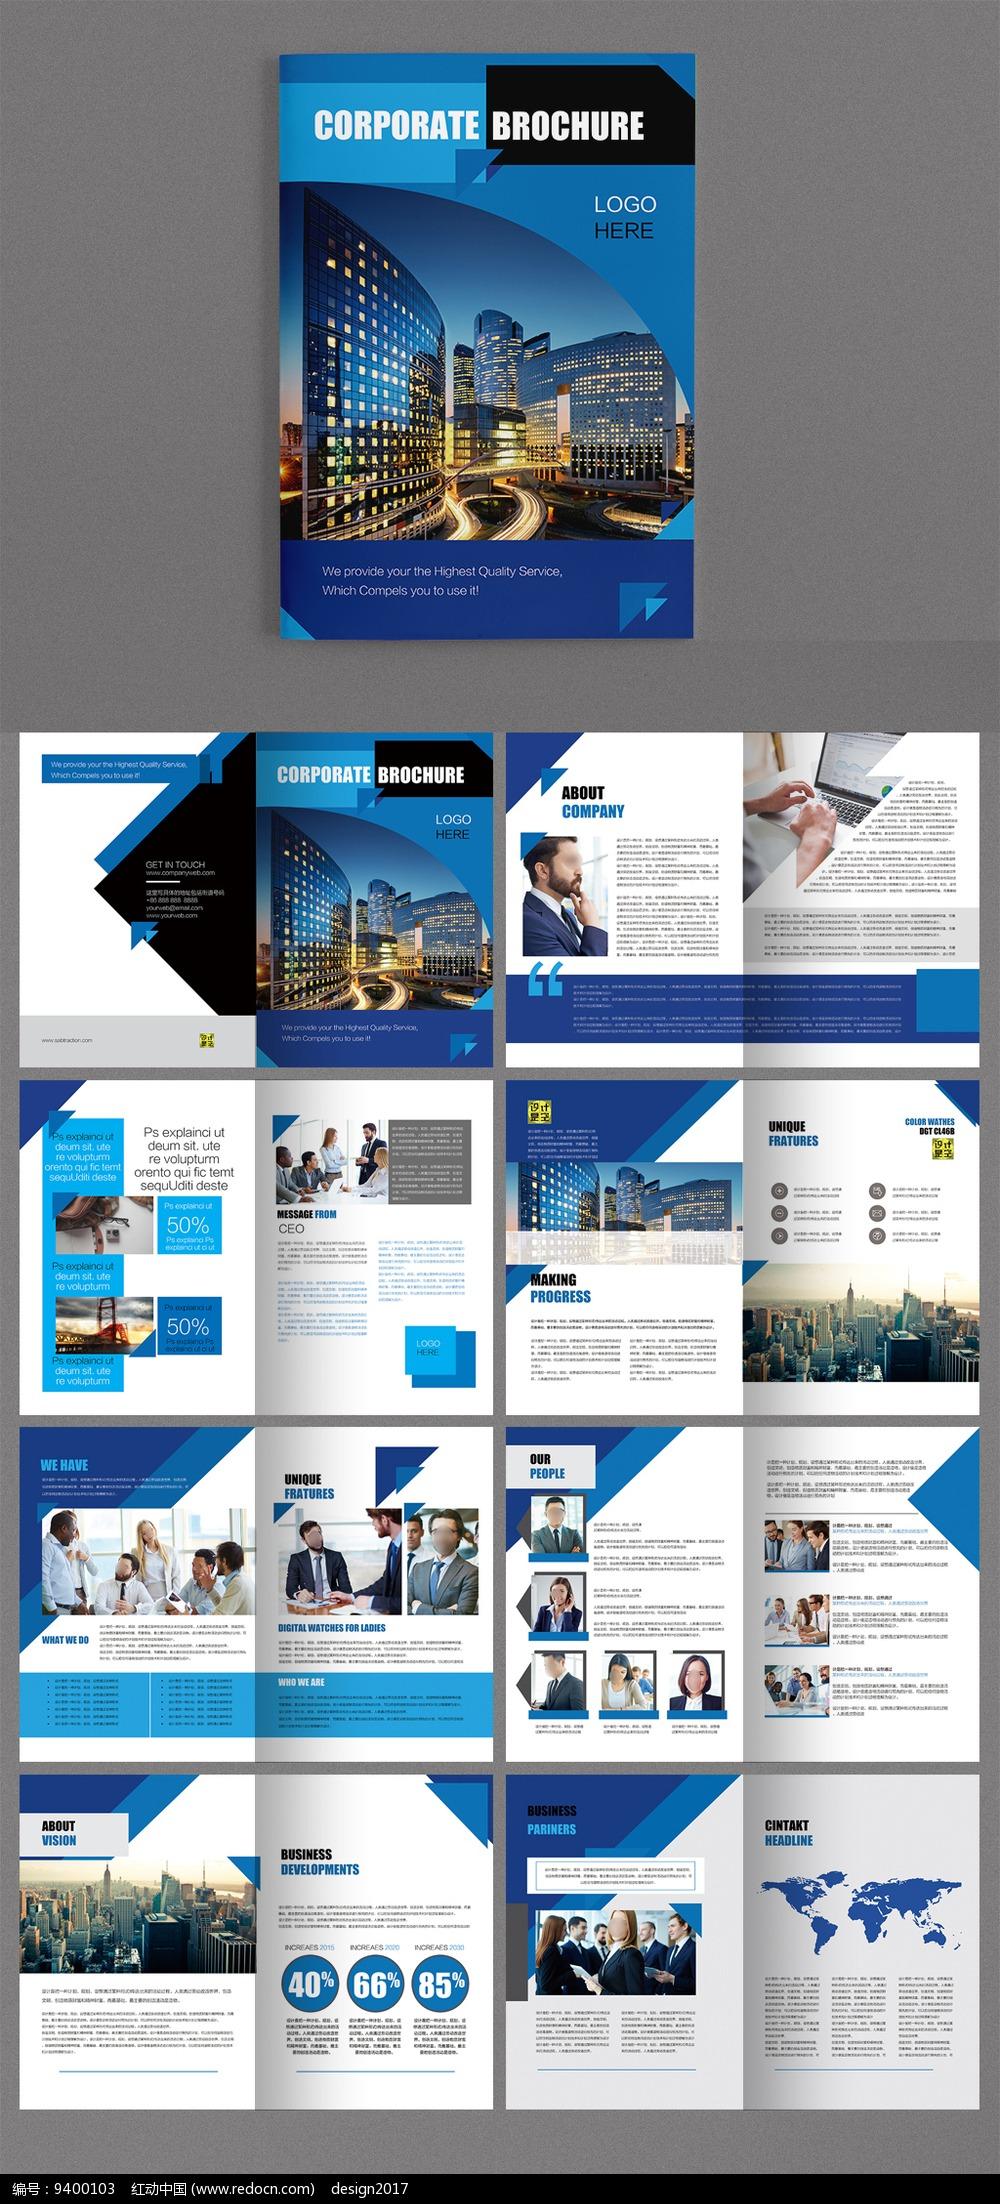 简约蓝色英文版都市商务企业宣传画册设计整套素材图片